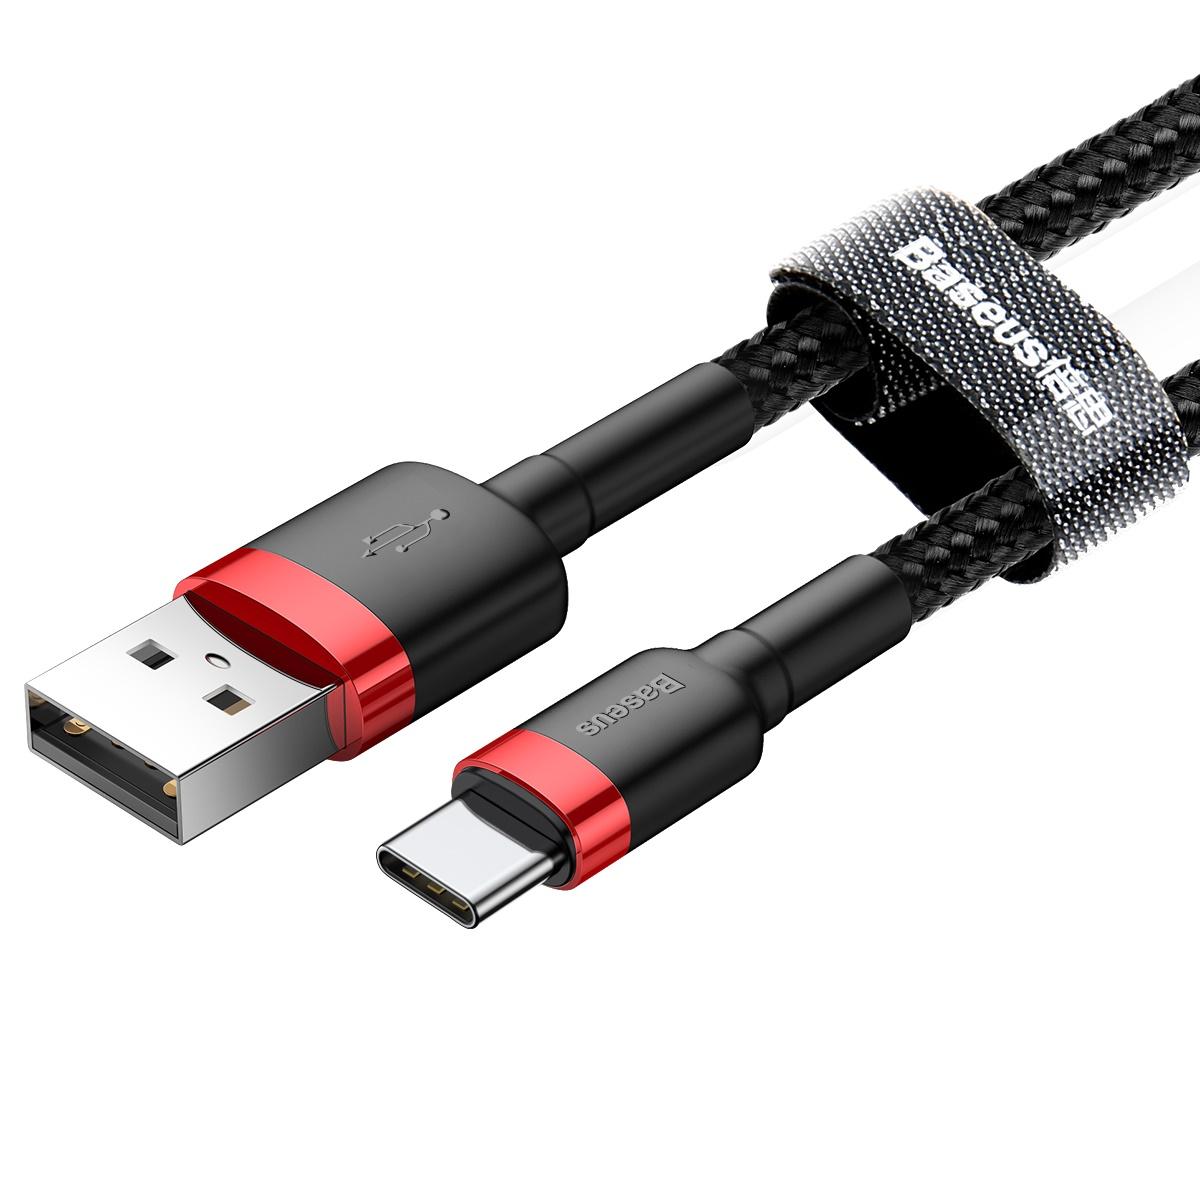 کابل تبدیل USB به USB-C باسئوس مدل CATKLF-C91 Cafule طول 2 متر main 1 2